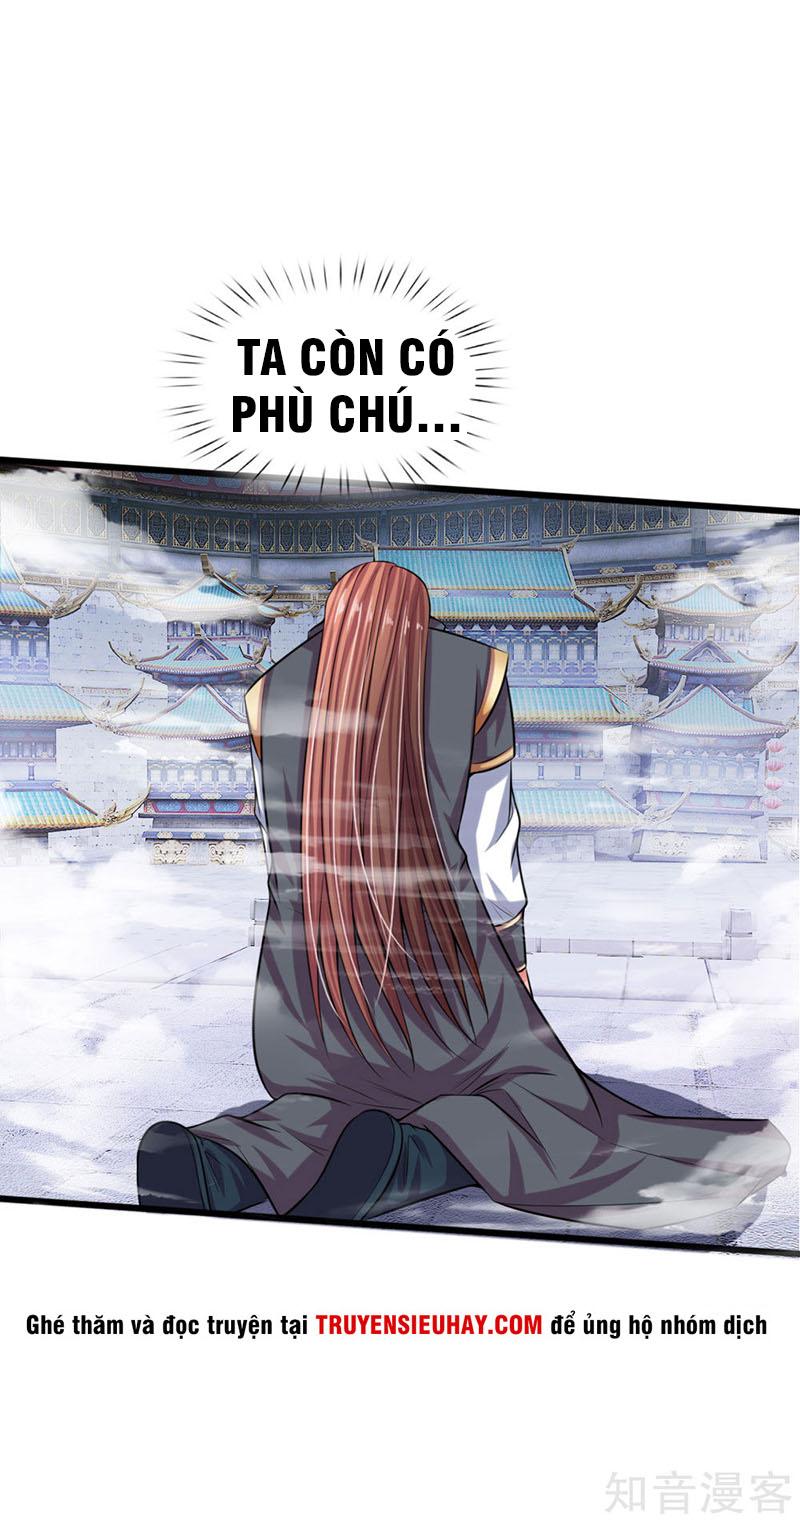 Thần Võ Thiên Tôn chapter 25 video - Upload bởi truyensieuhay.com